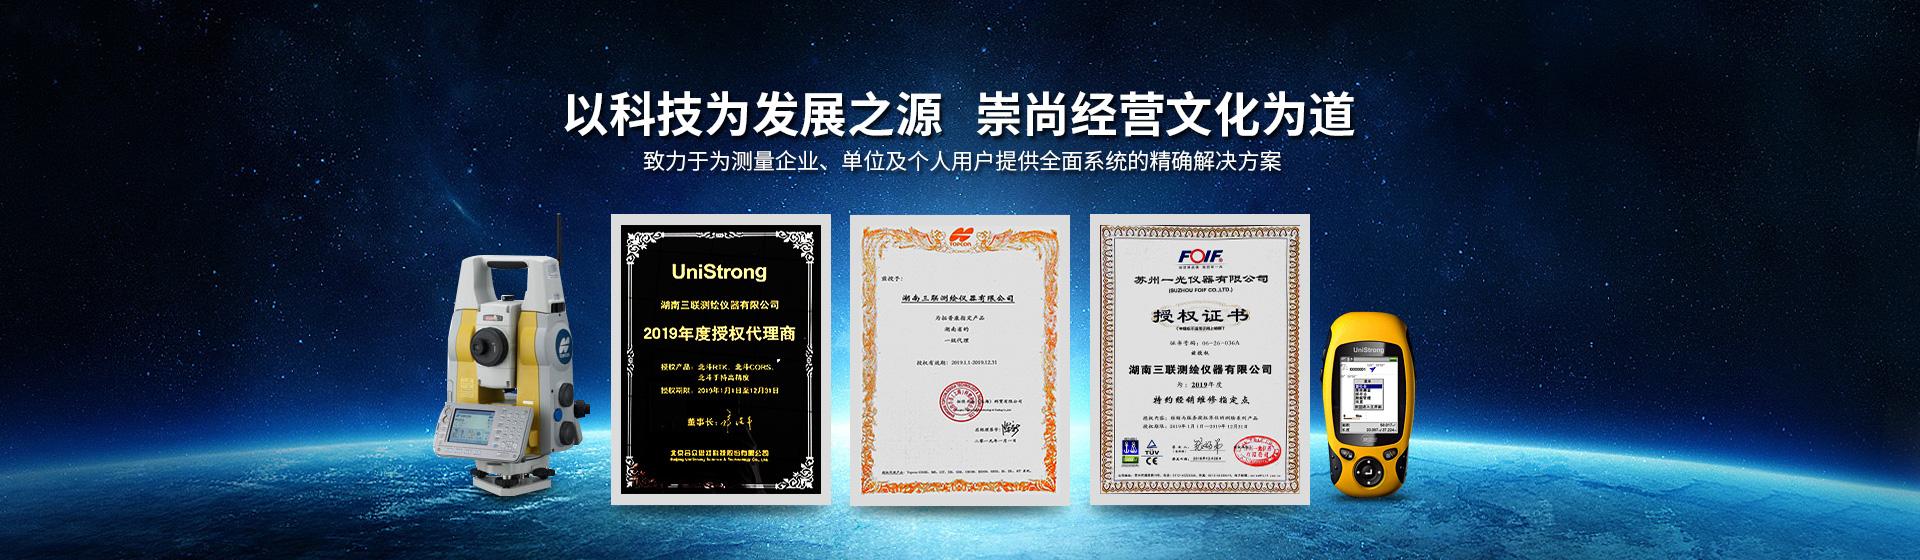 bet体育万博|首页 - 湖南测绘仪器销售_湖南三联测绘仪器有限公司